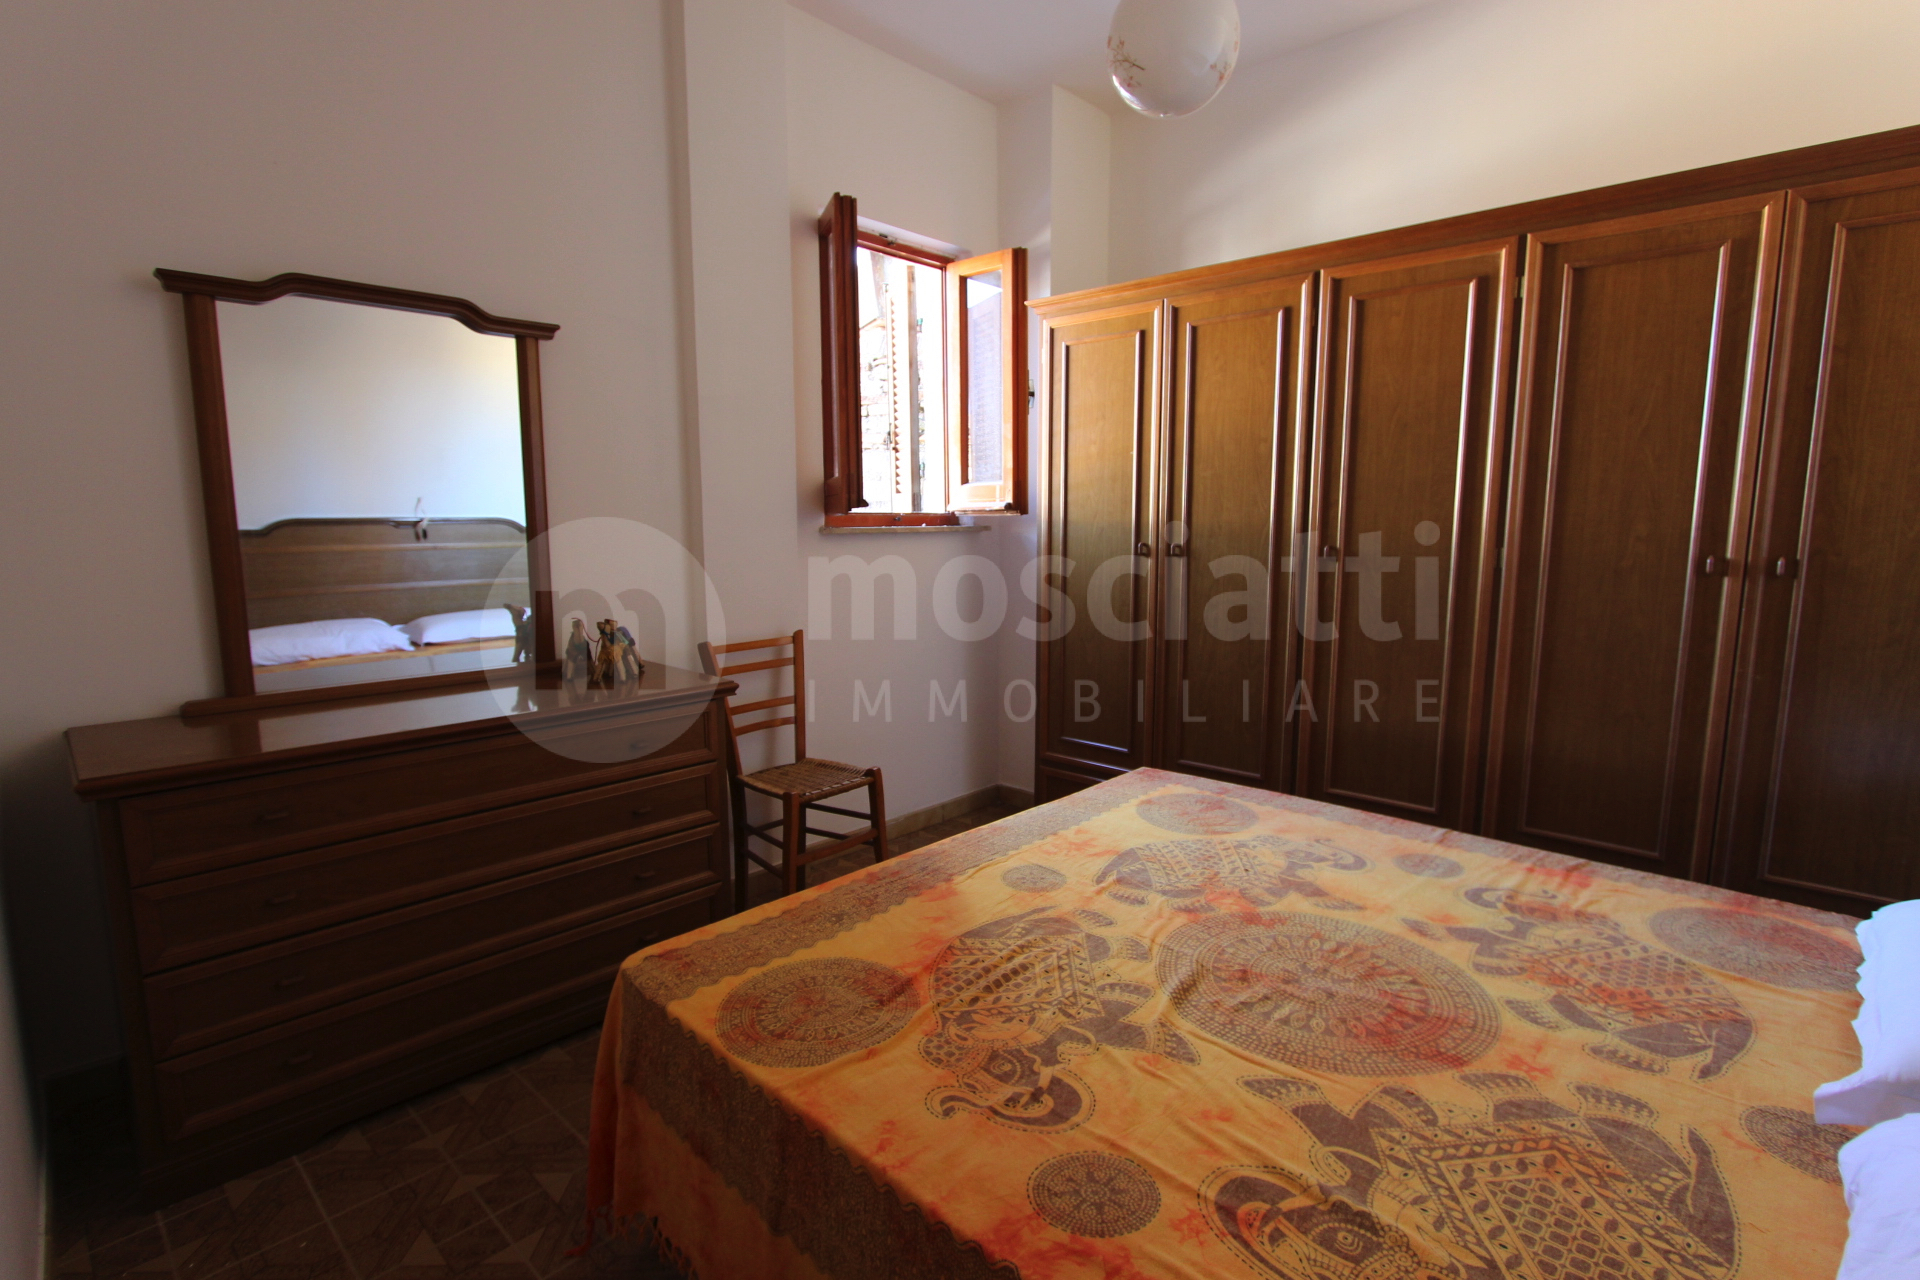 Matelica, Centro Storico in Largo Torrione, vendesi abitazione terra-tetto - 1